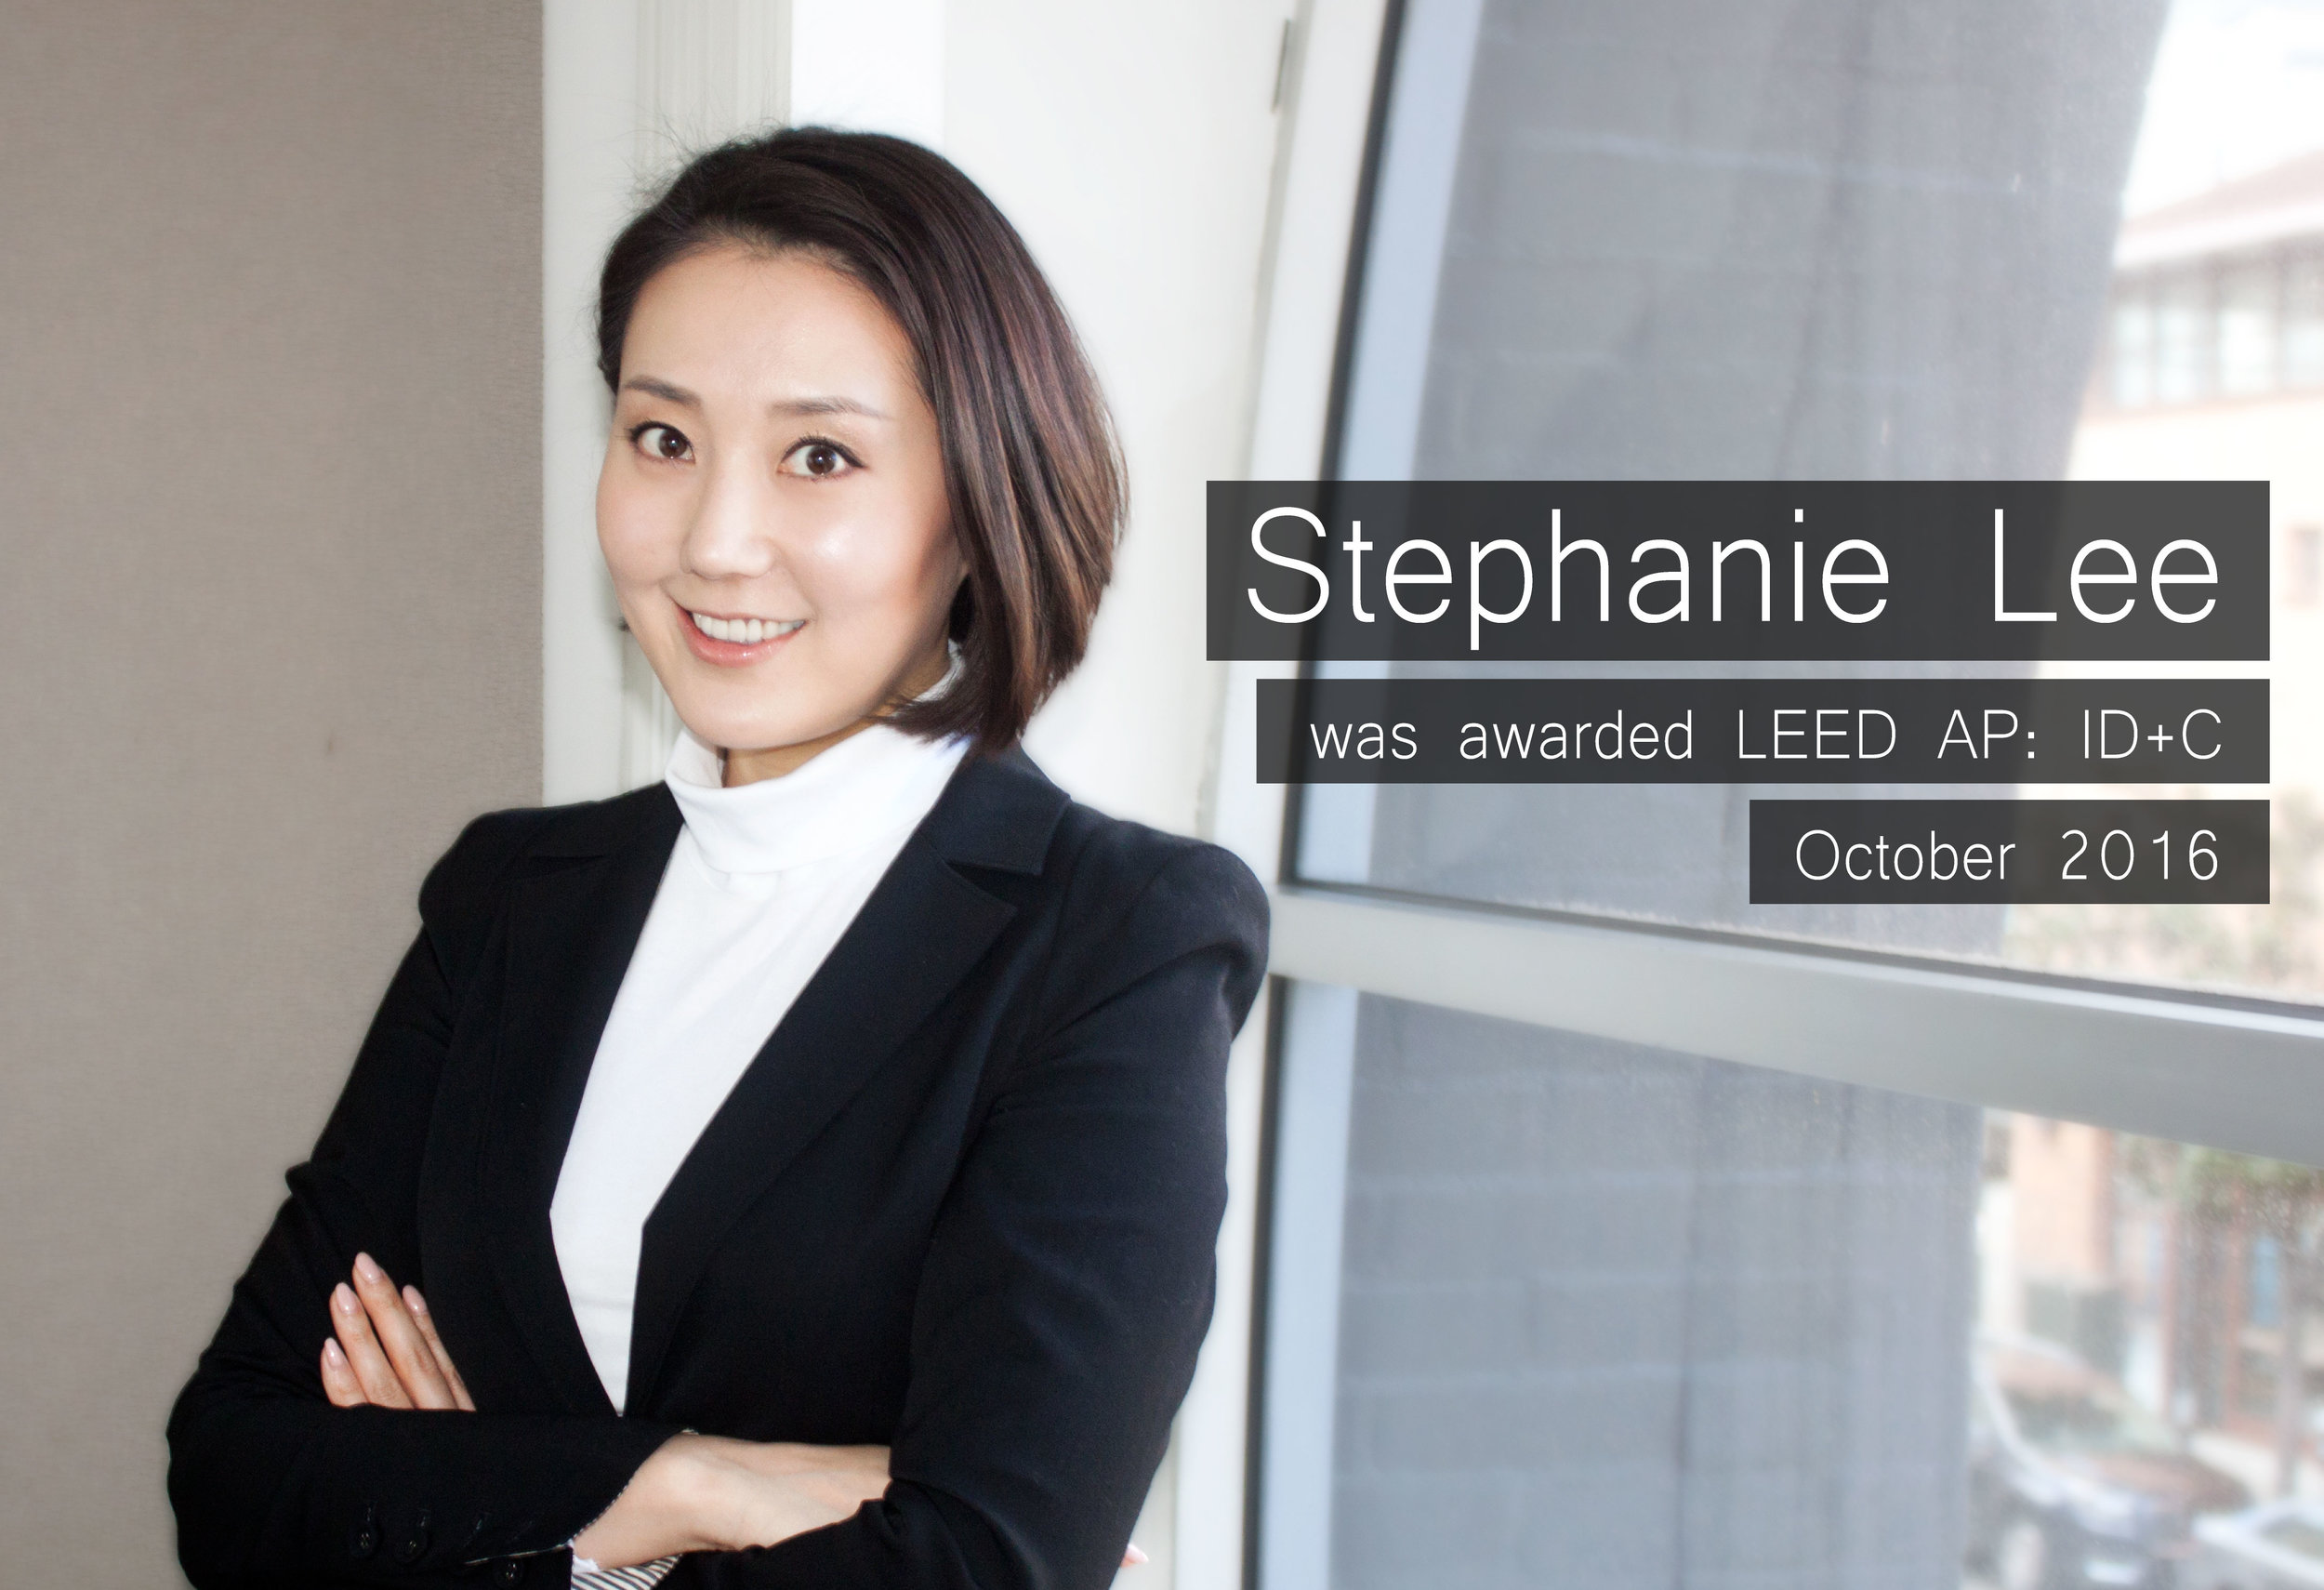 Stephanie-Lee_LEED-AP.jpg